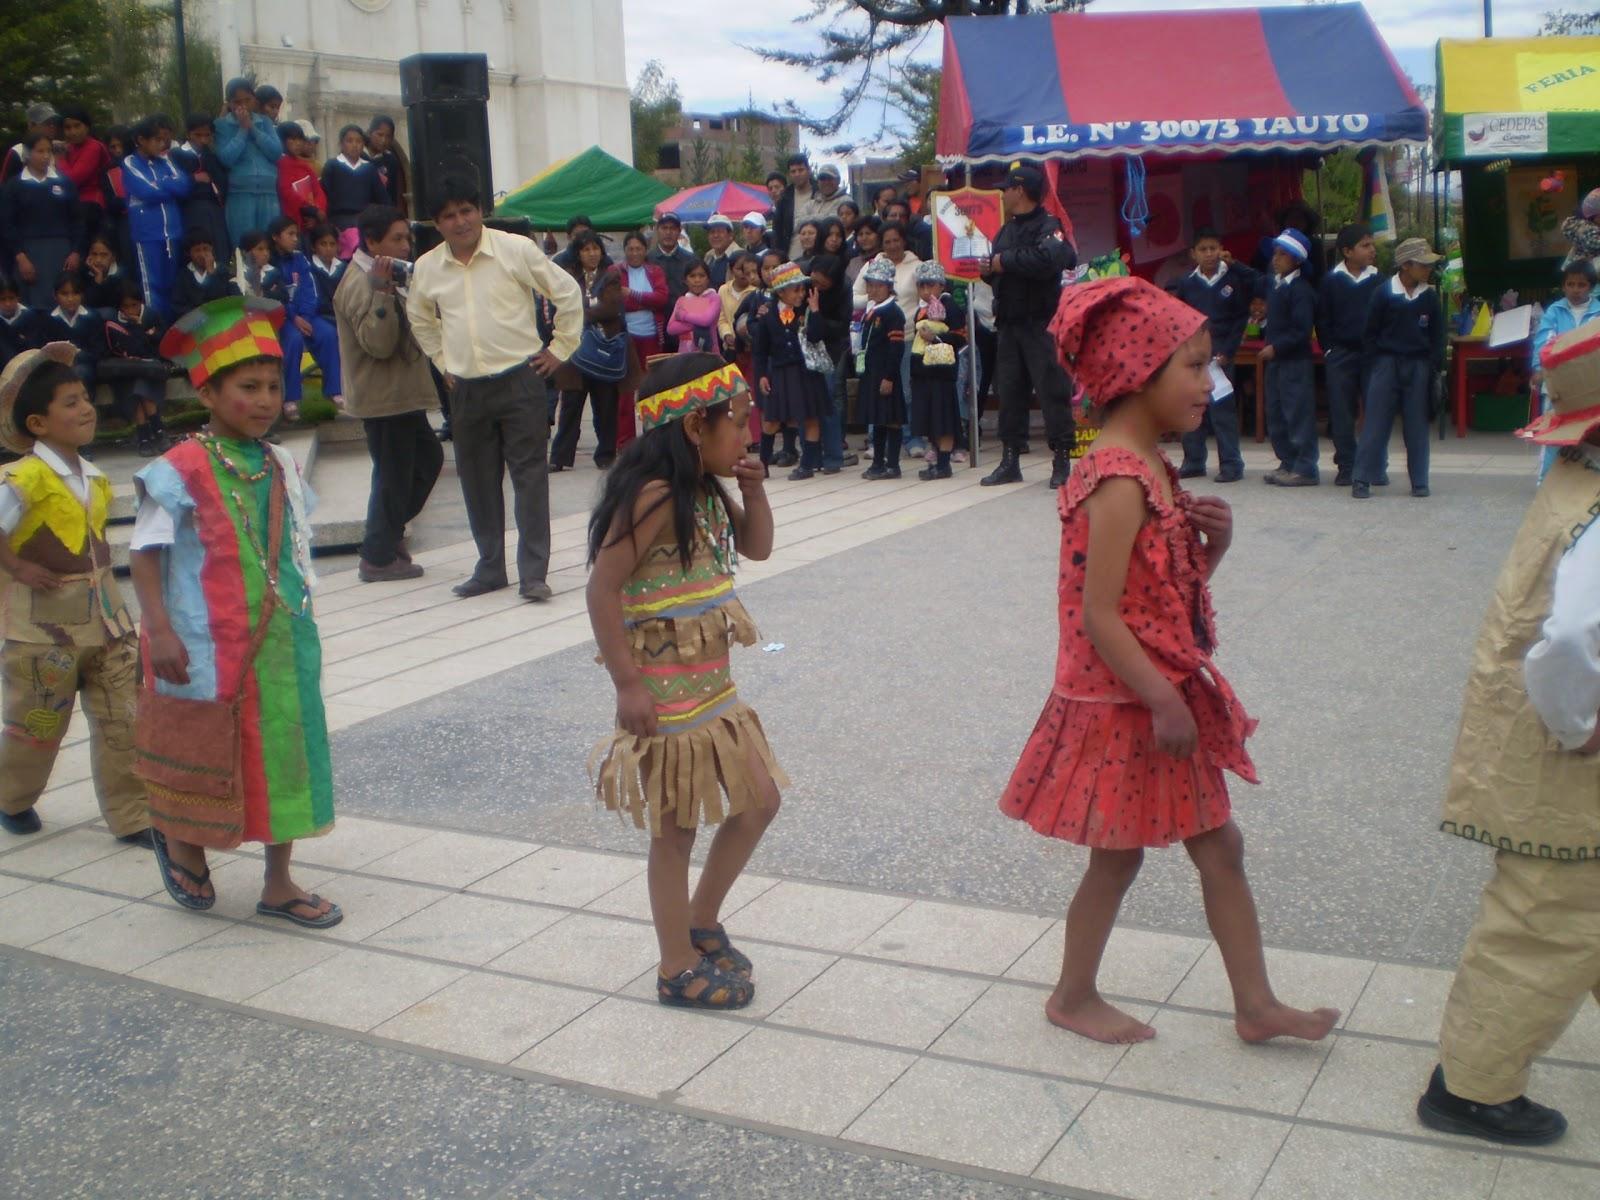 Con trajes típicos de material reciclado, jóvenes chupaquinos desfilaron en inusual pasarela